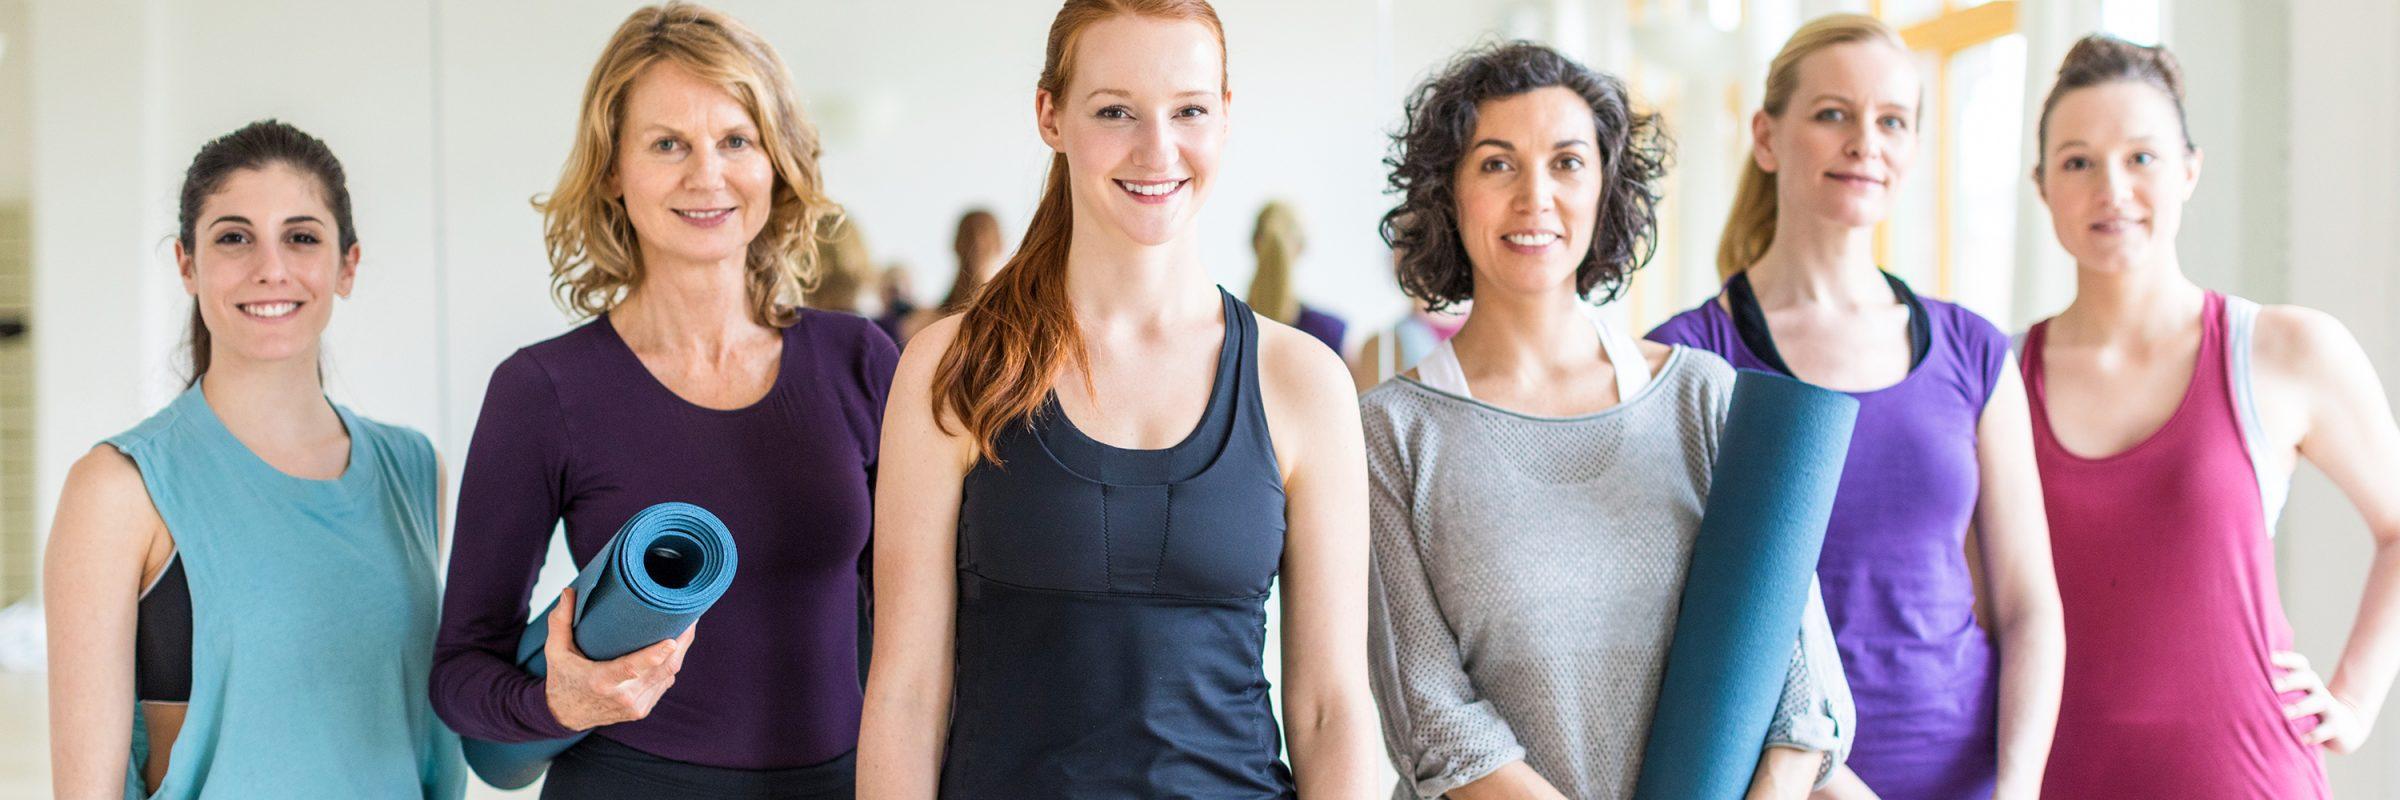 Frauen beim Yogakurs